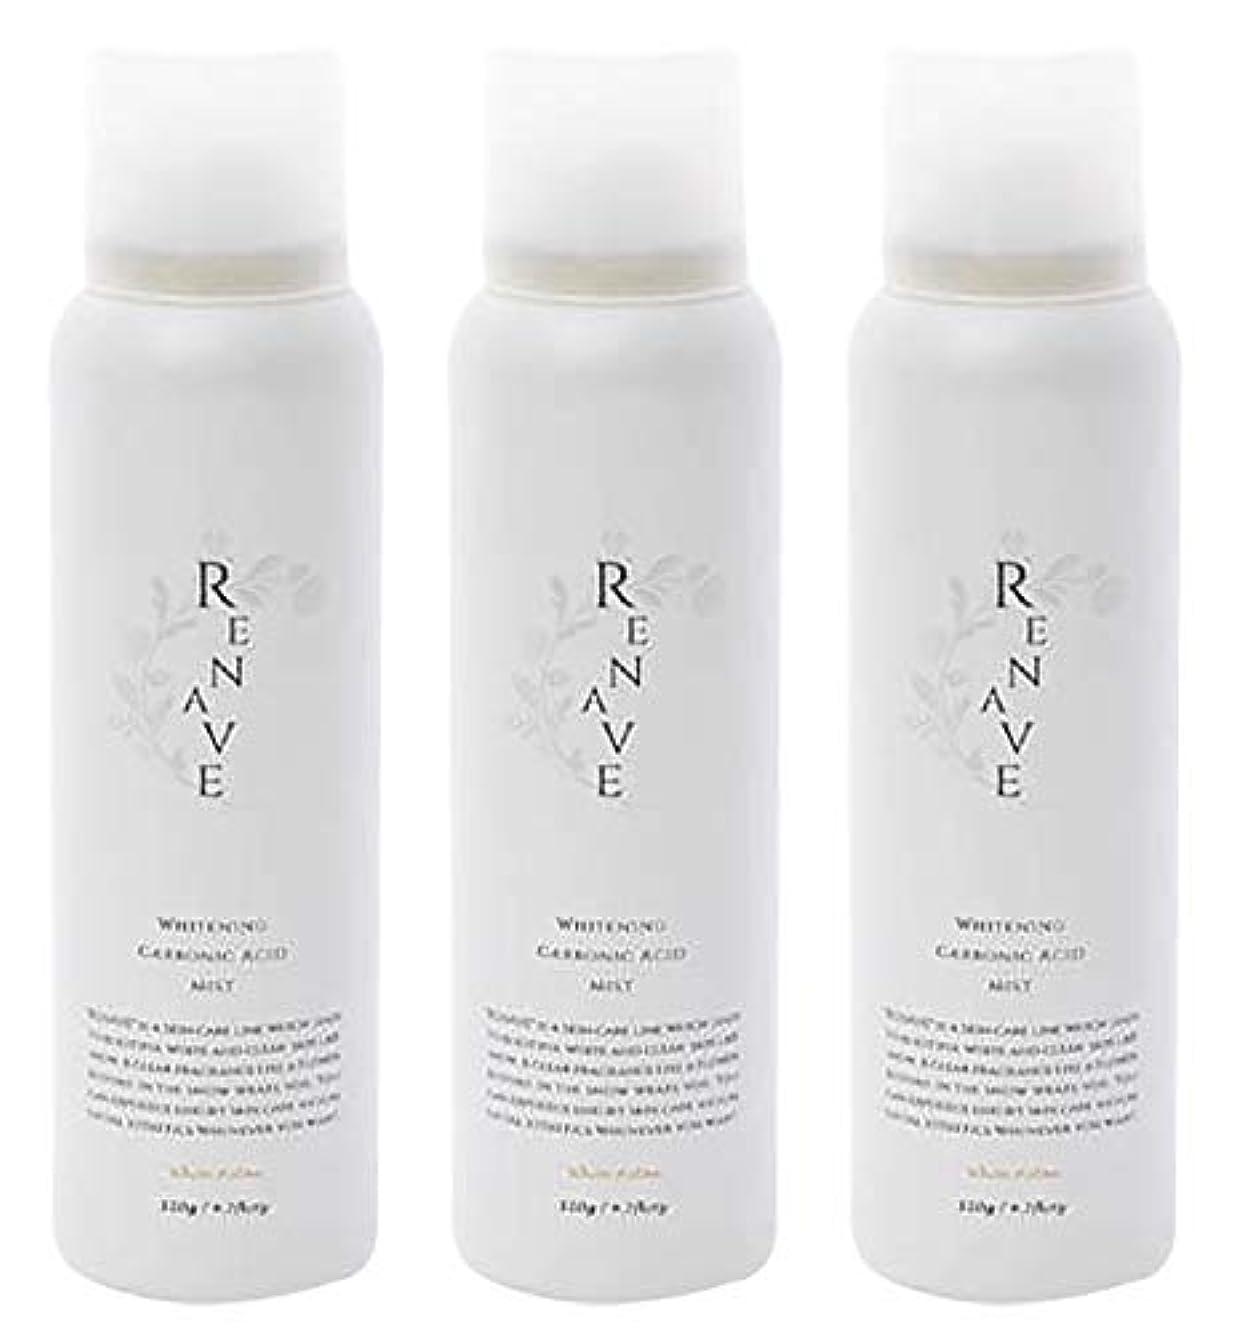 読みやすいデコレーション百年RENAVE(リネーヴェ) 高濃度炭酸ミスト 薬用美白化粧水 120ml 3本セット